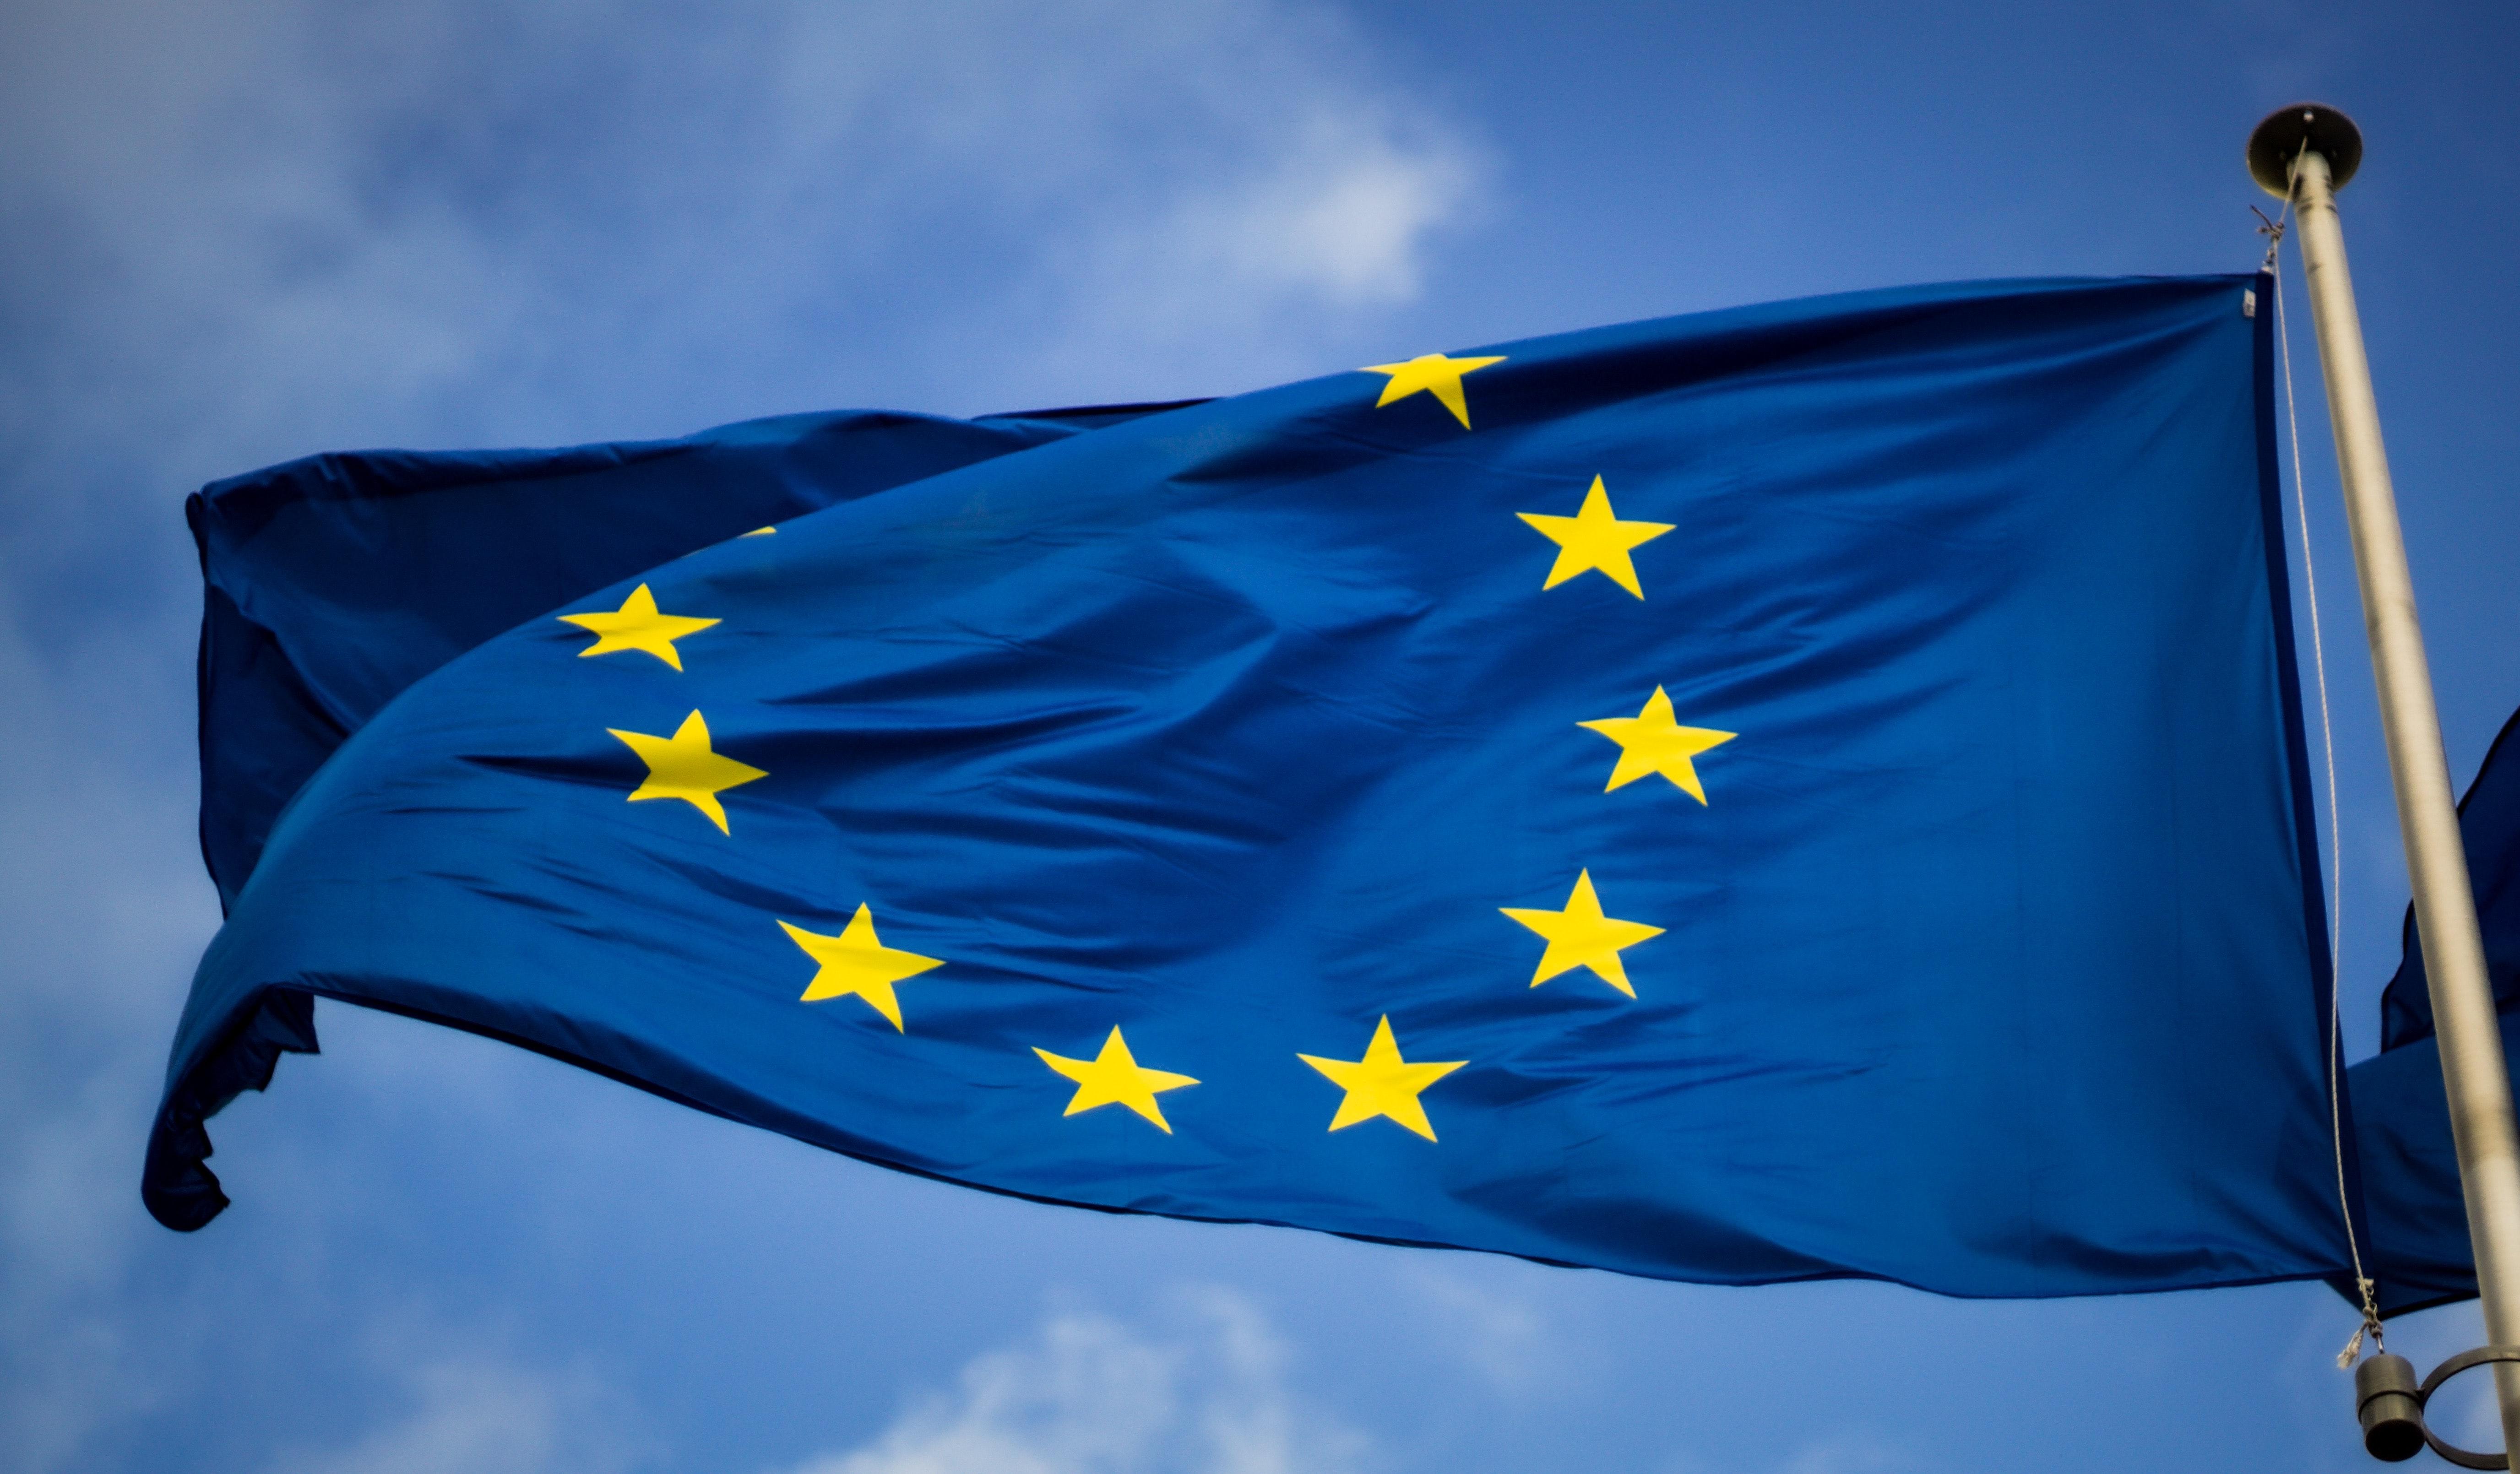 Греции в своем экономическом развитии при пандемии — пример для всех стран ЕС